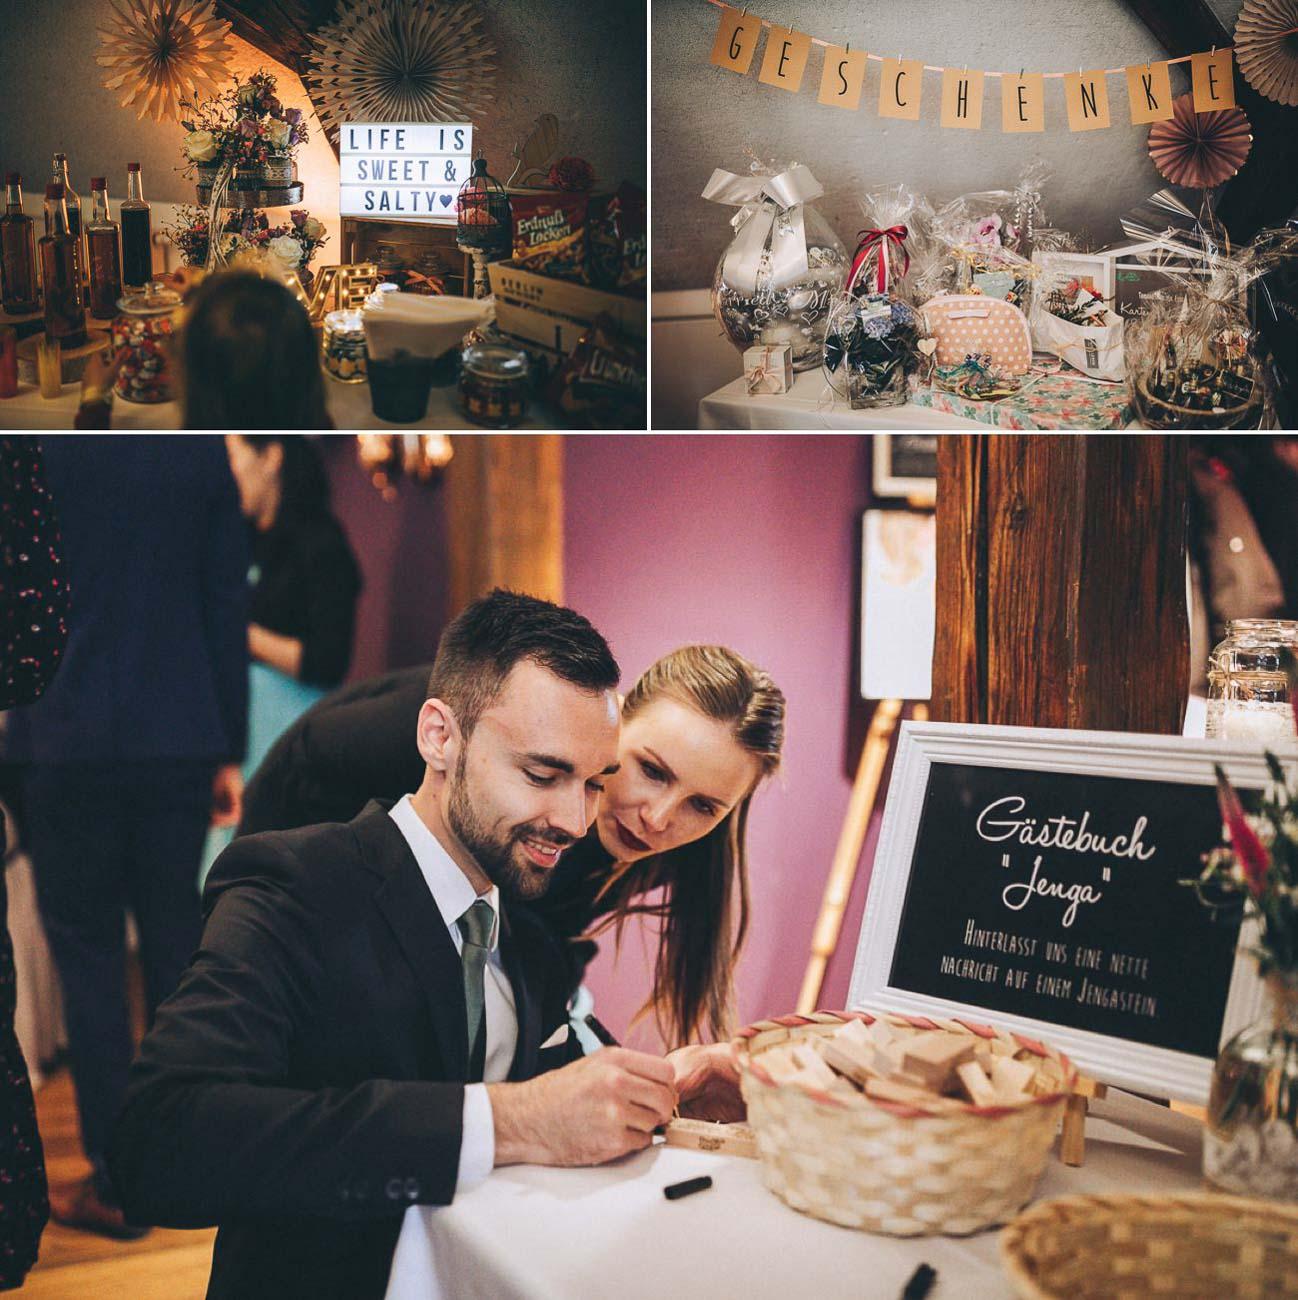 Hochzeitsfeier_Weingut_Hofloeßnitz_Hochzeitstorte_068-_